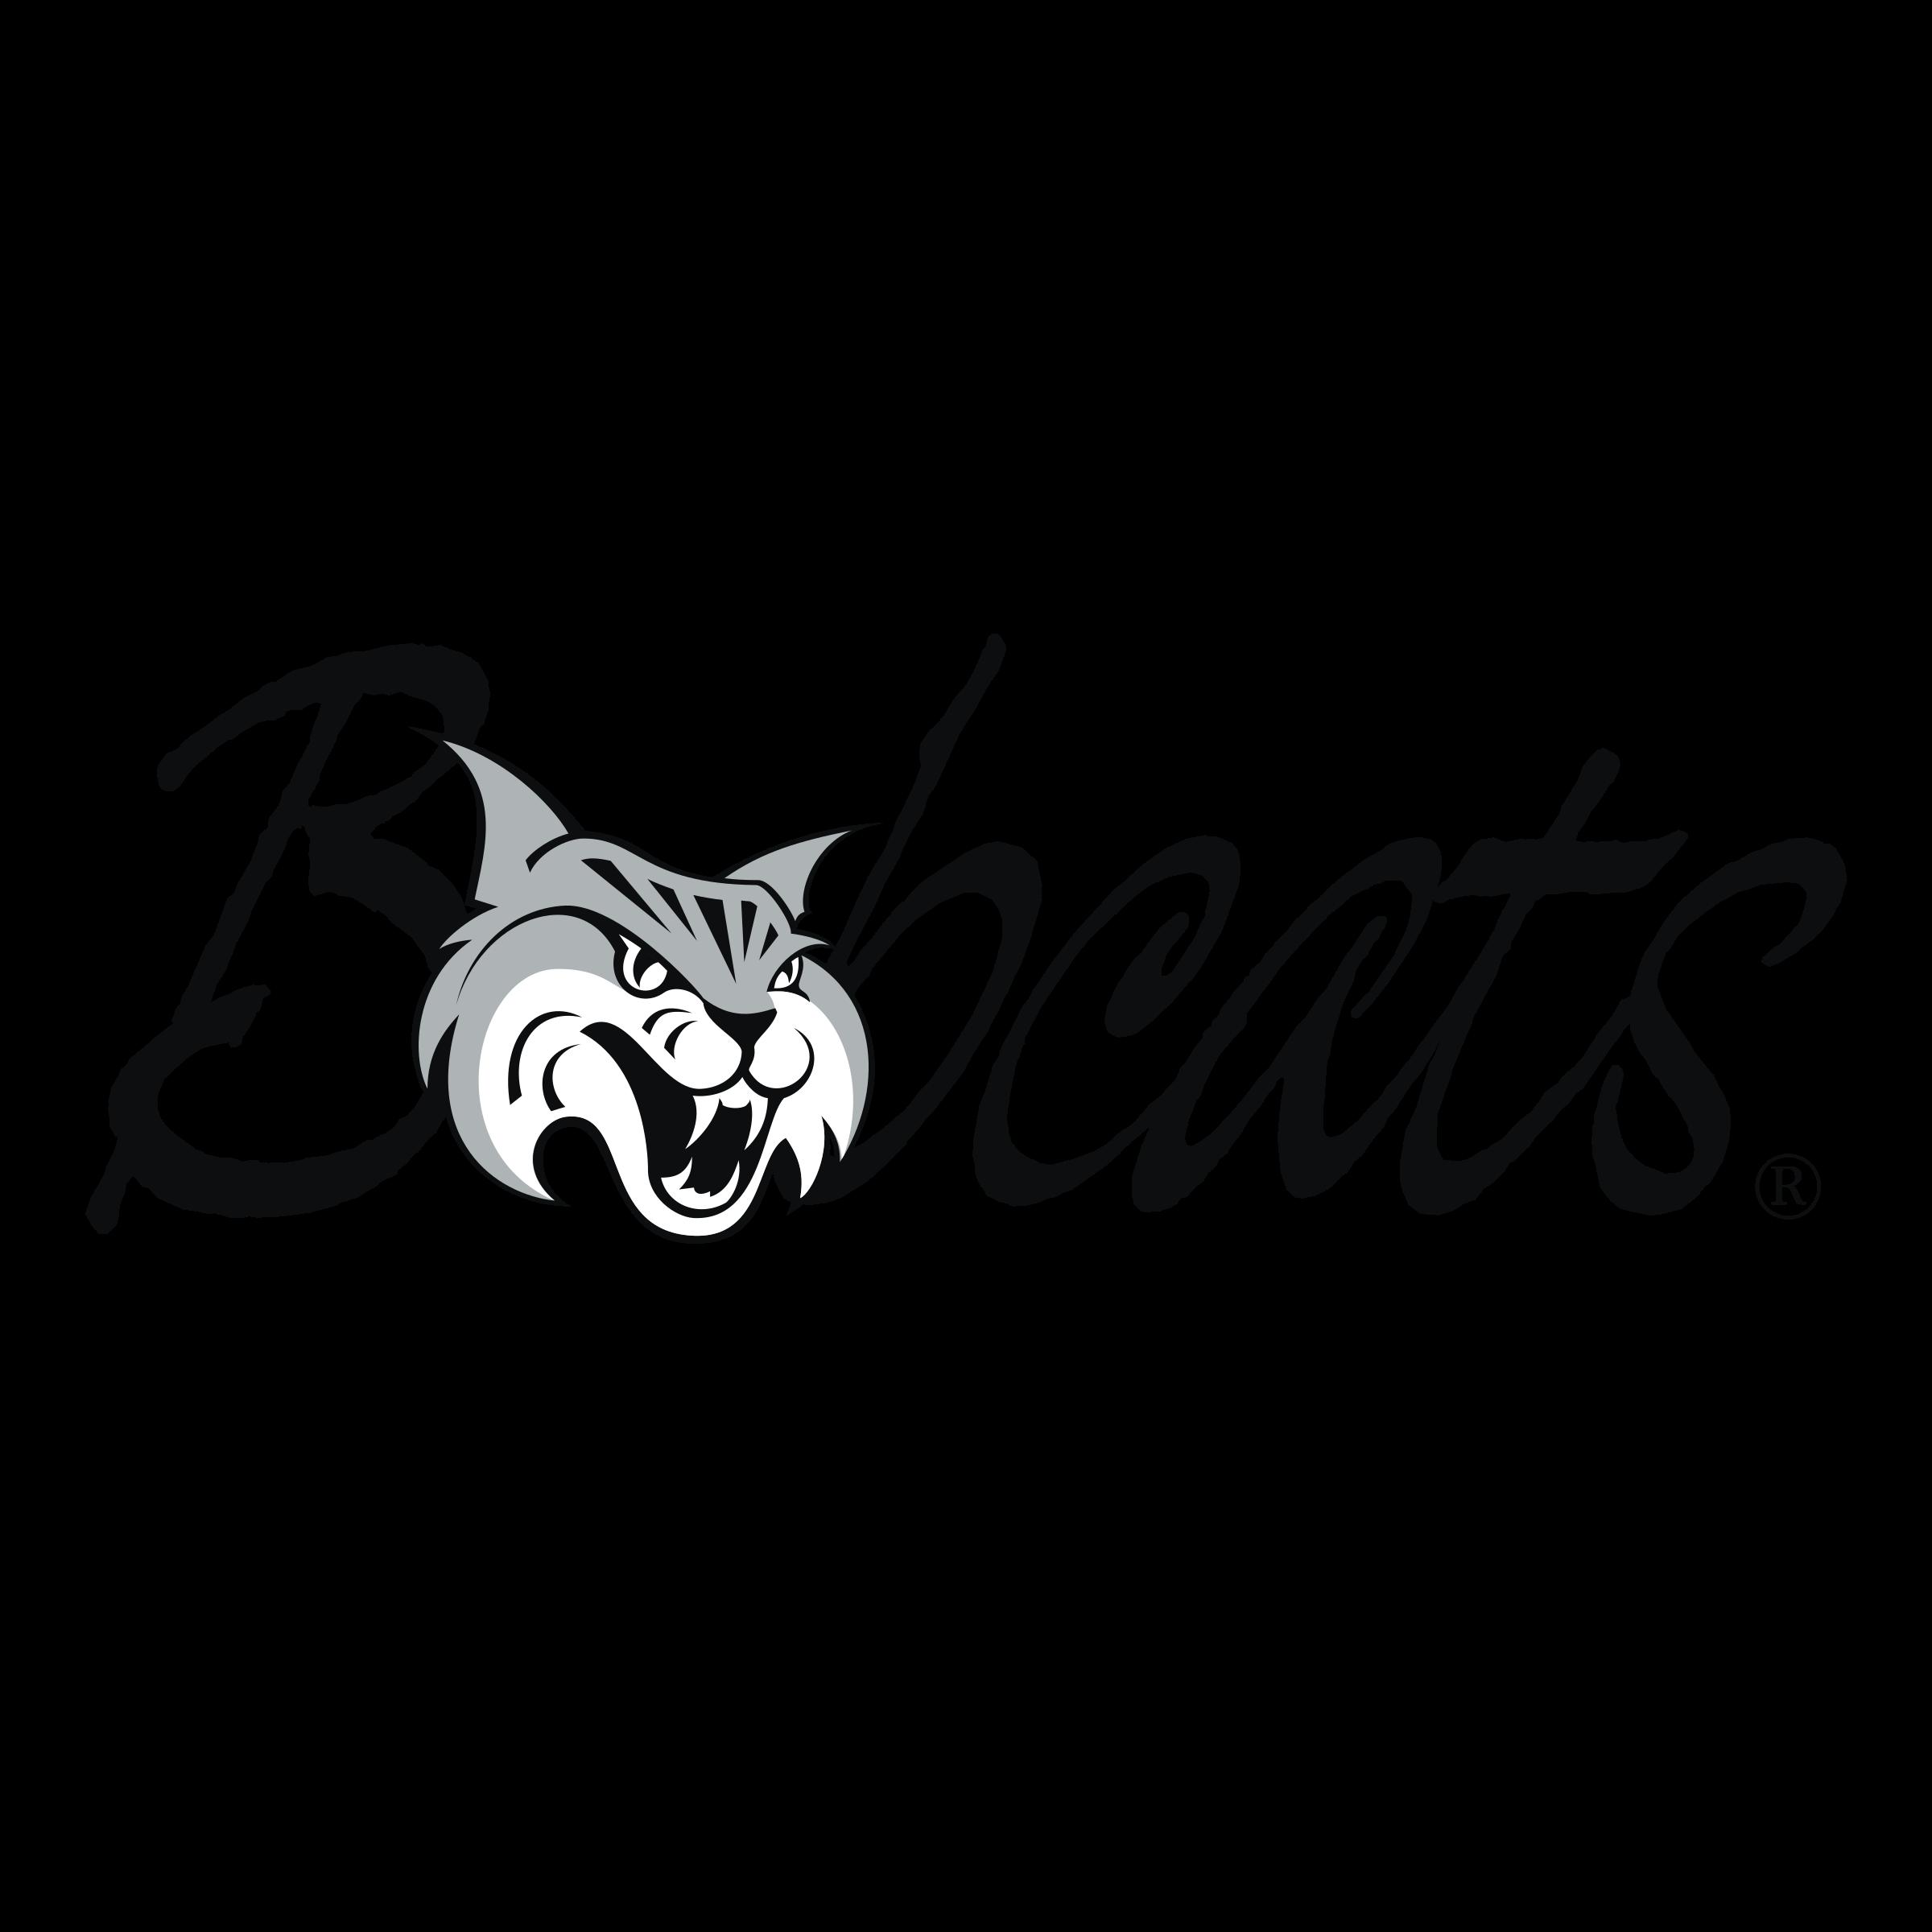 vector download Bobcats logo png transparent. Bobcat clipart svg